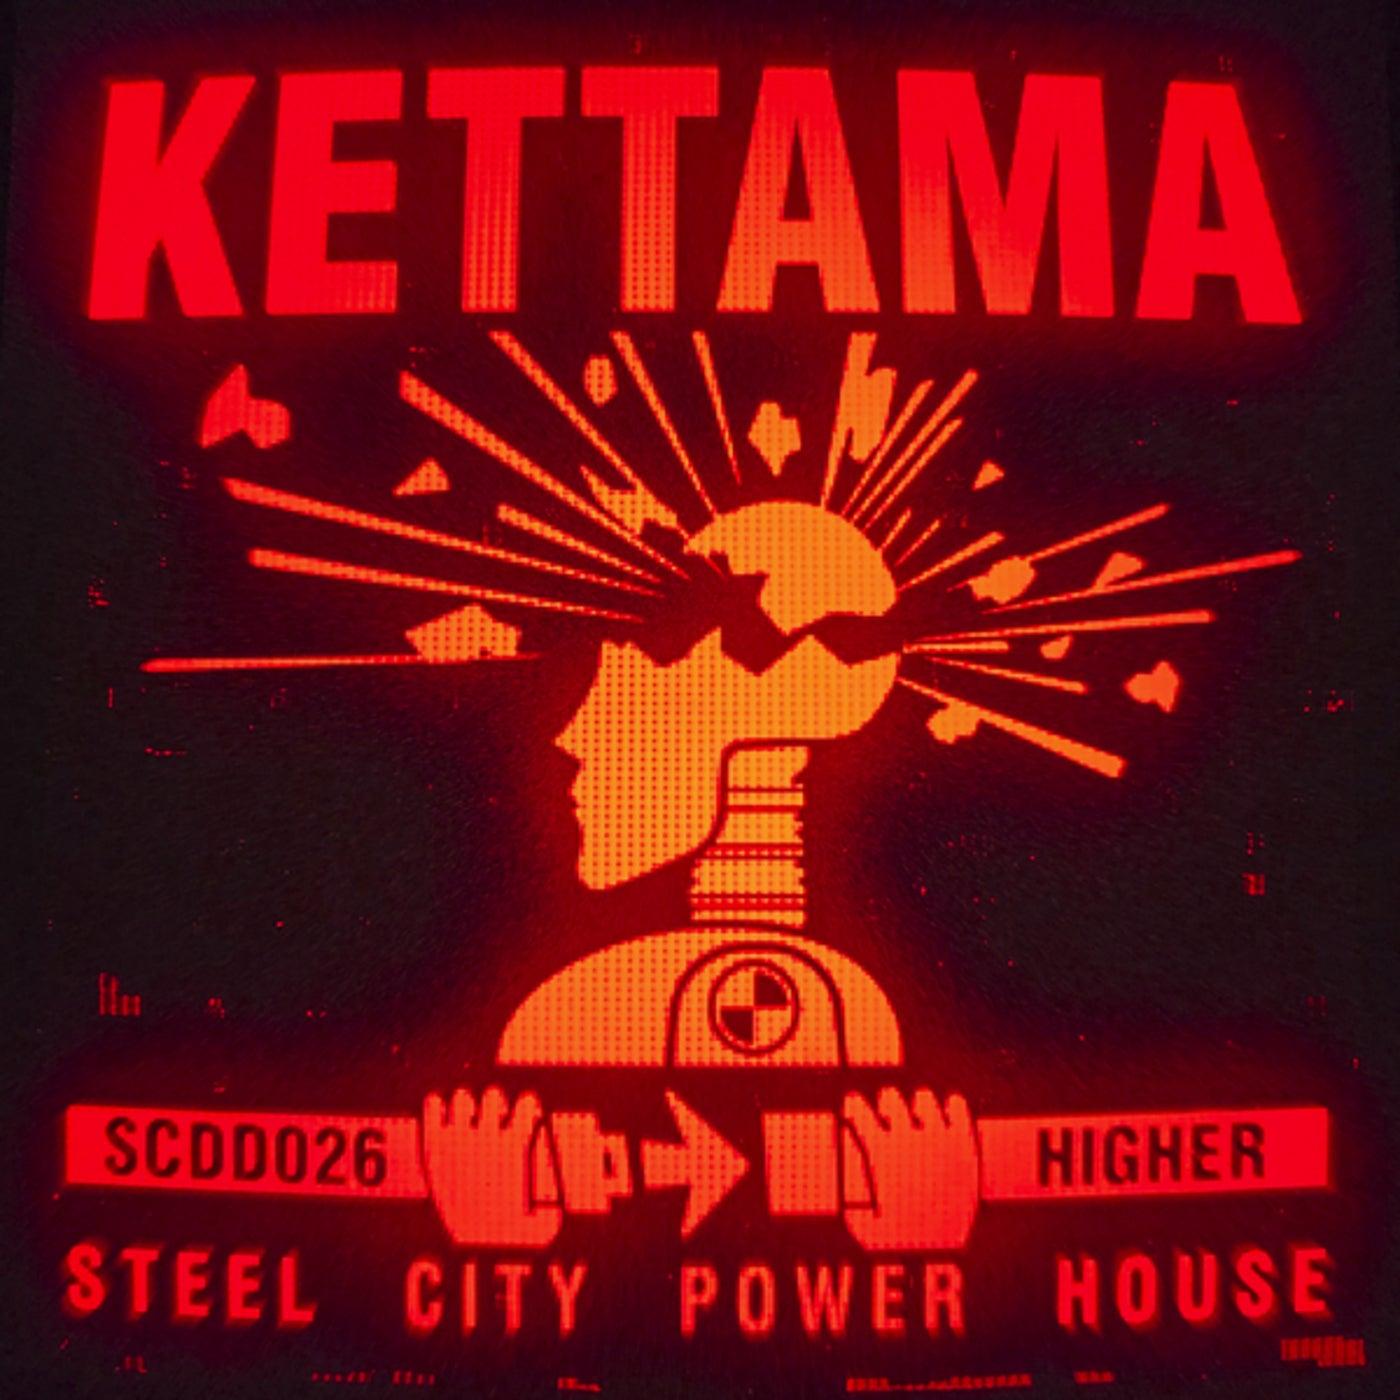 Higher (Steel City Power House) (Original Mix)